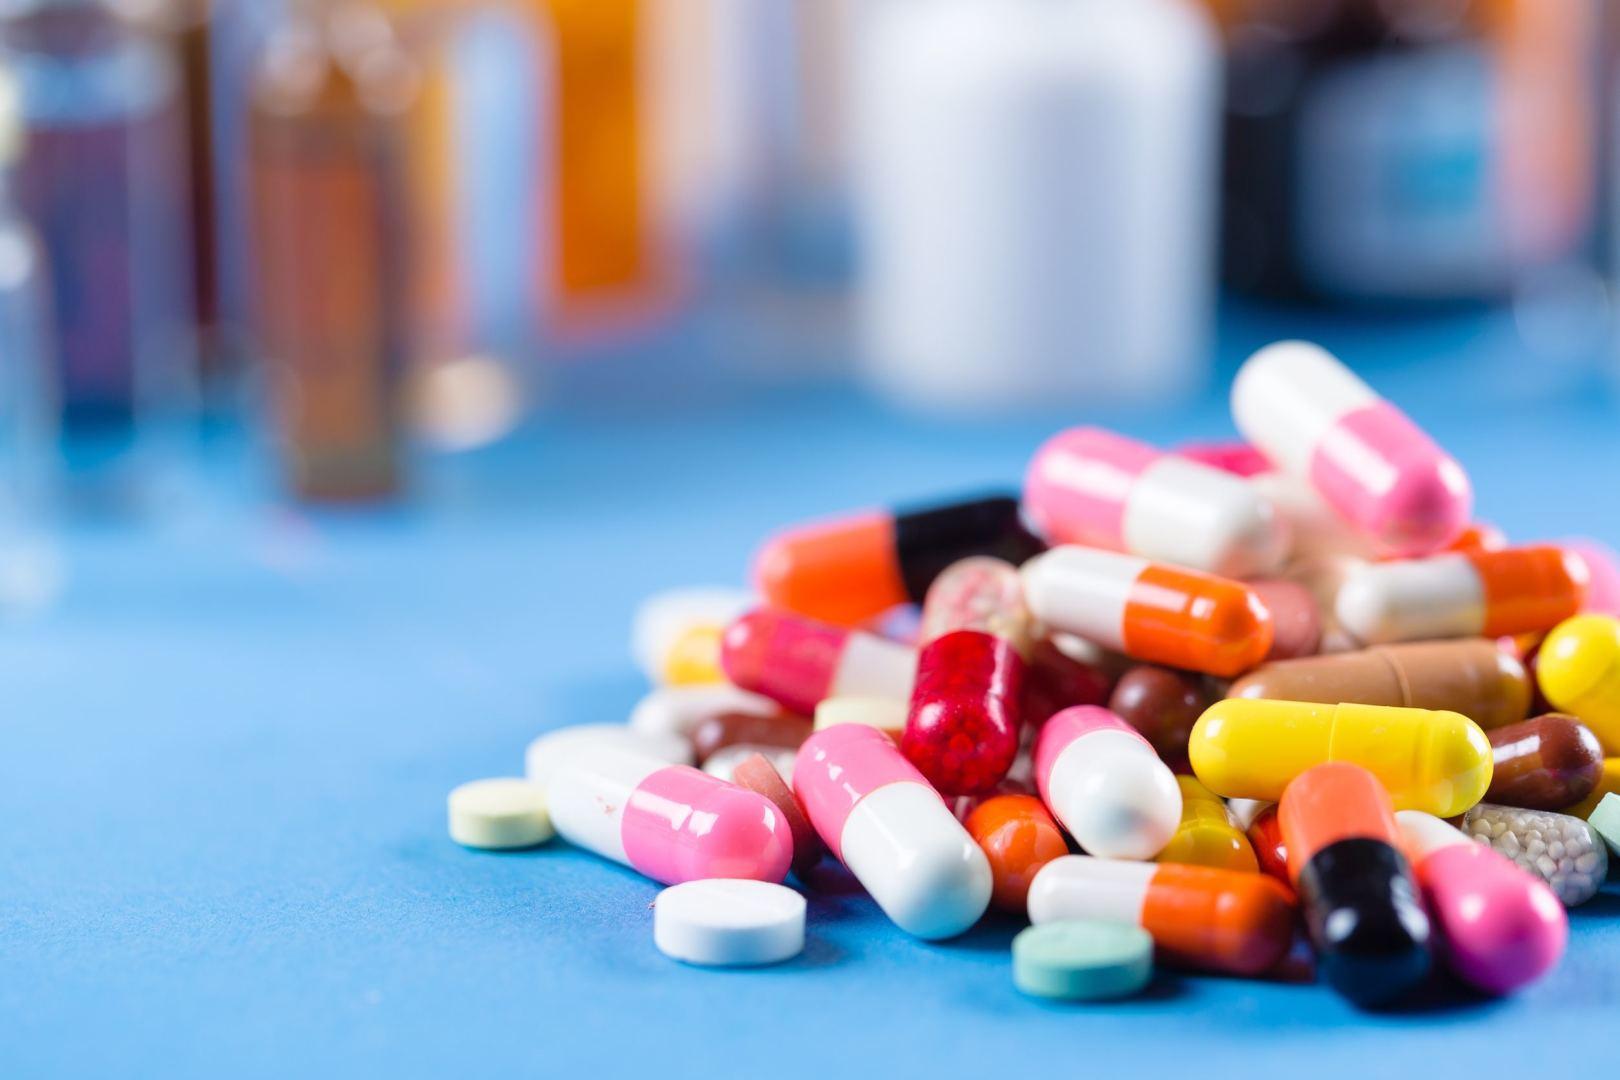 Nauji vaistai sutrikusiai erekcijai gydyti - DELFI Gyvenimas